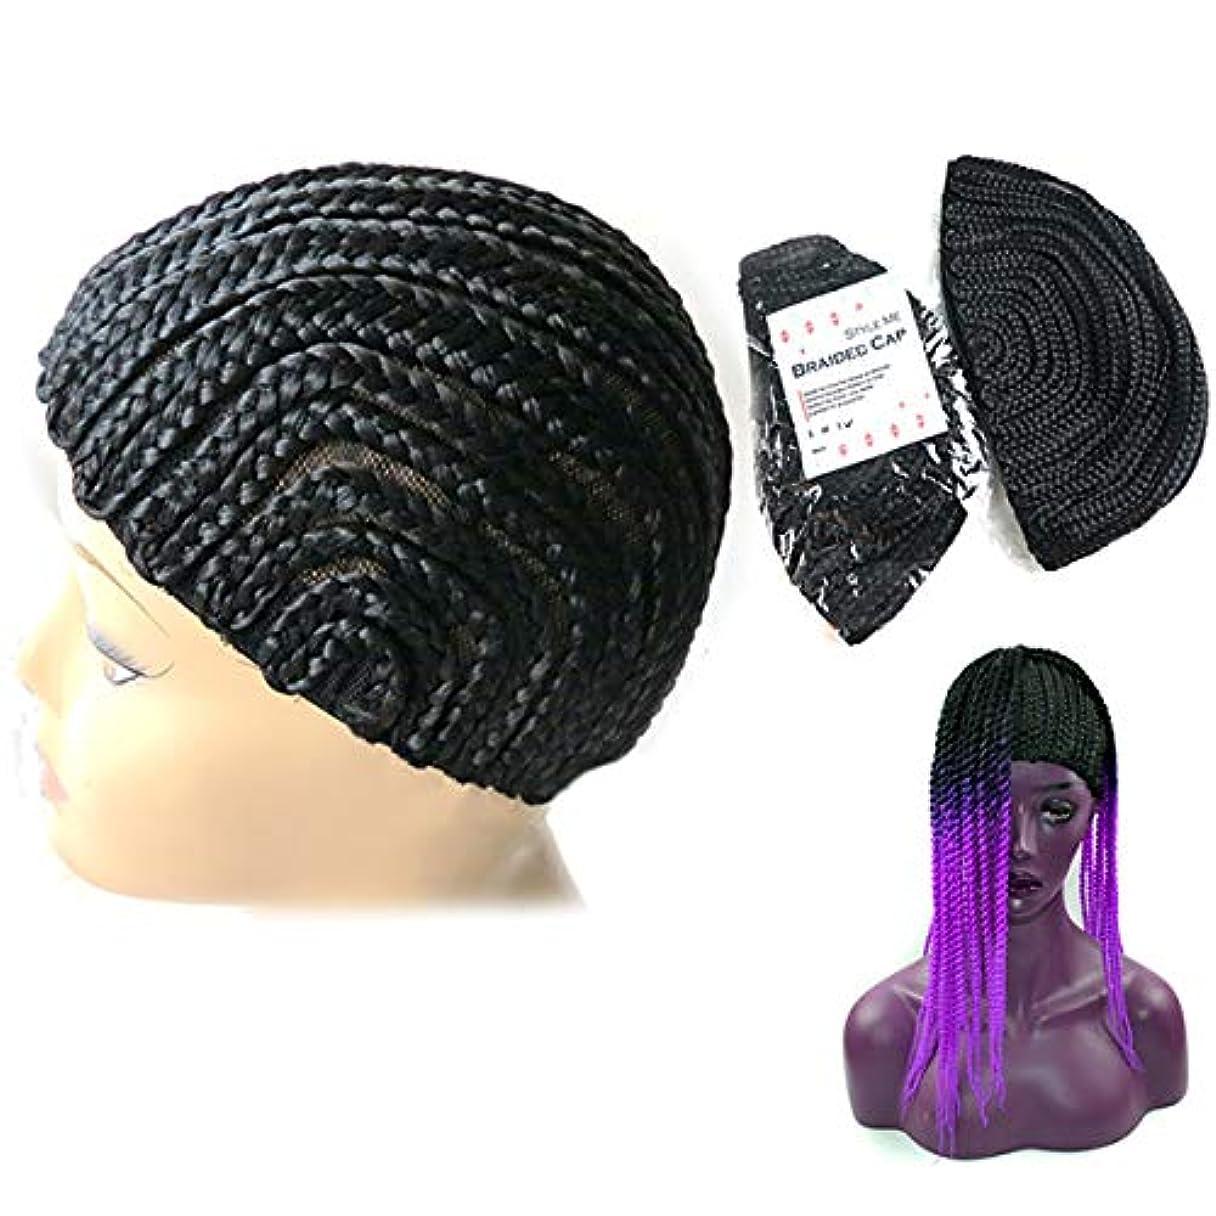 適格ホストきちんとしたYZUEYT 弾性コーンローウィッグキャップ調節可能なかぎ針編み織りキャップレースヘアネットヘアスタイリングツール YZUEYT (Size : One size)